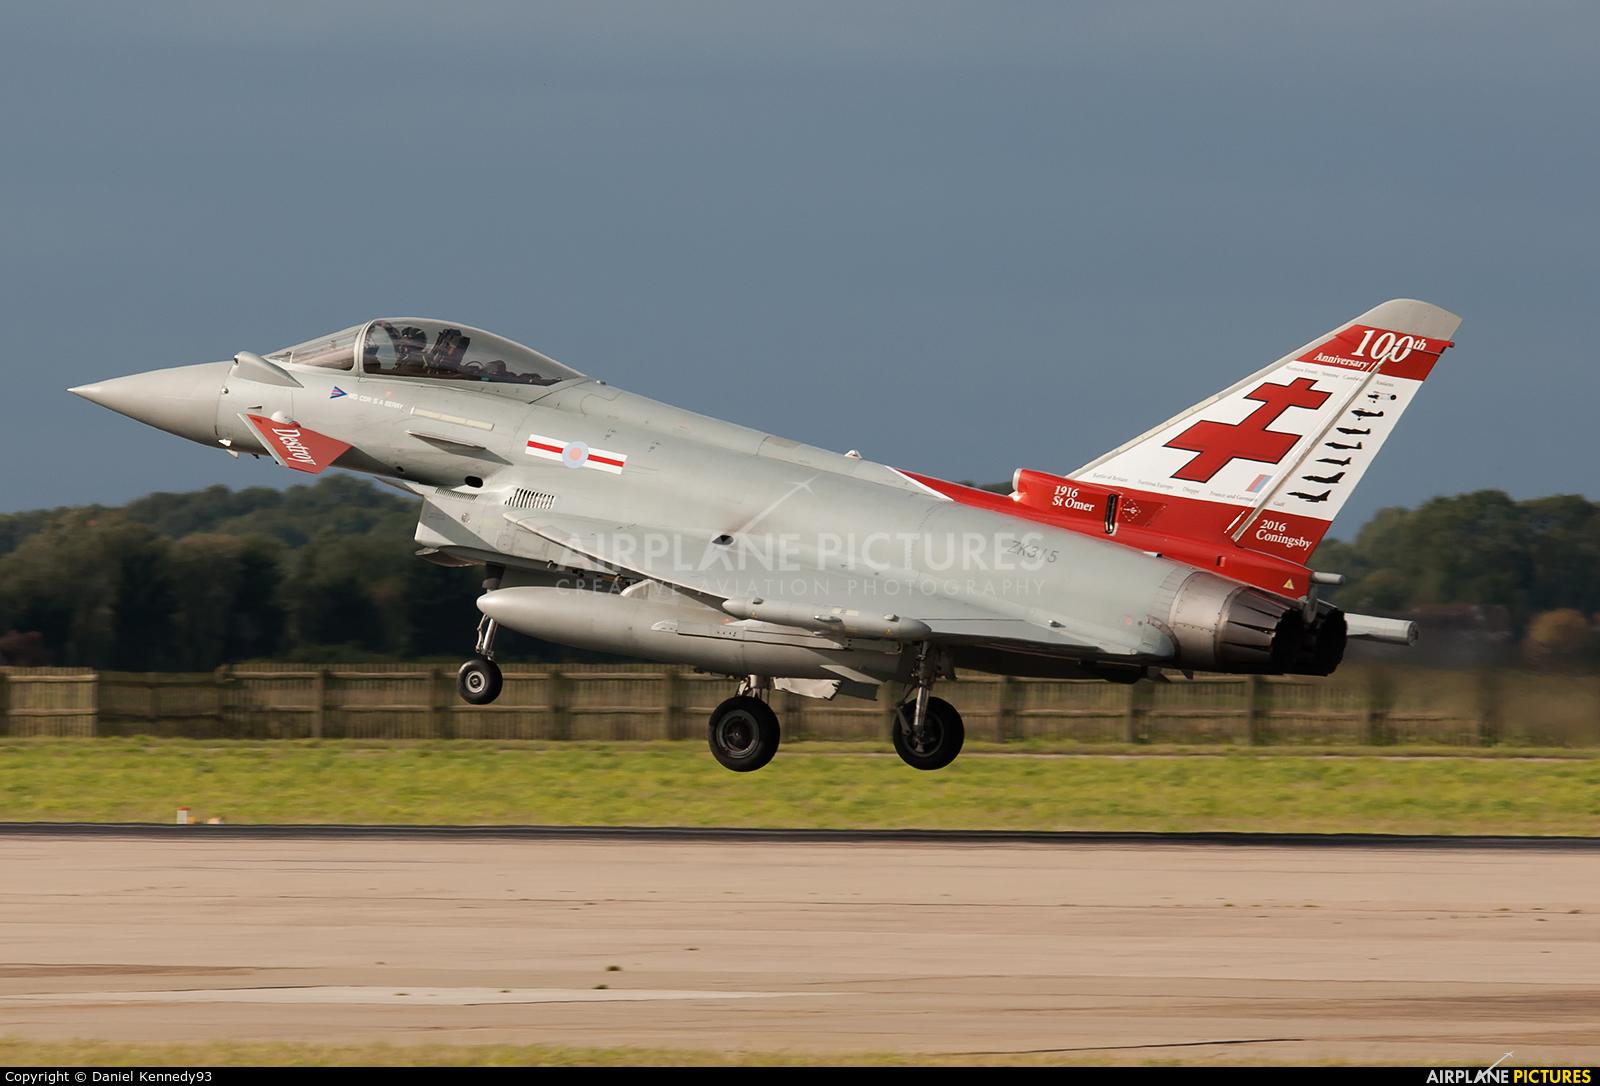 Royal Air Force ZK315 aircraft at Coningsby